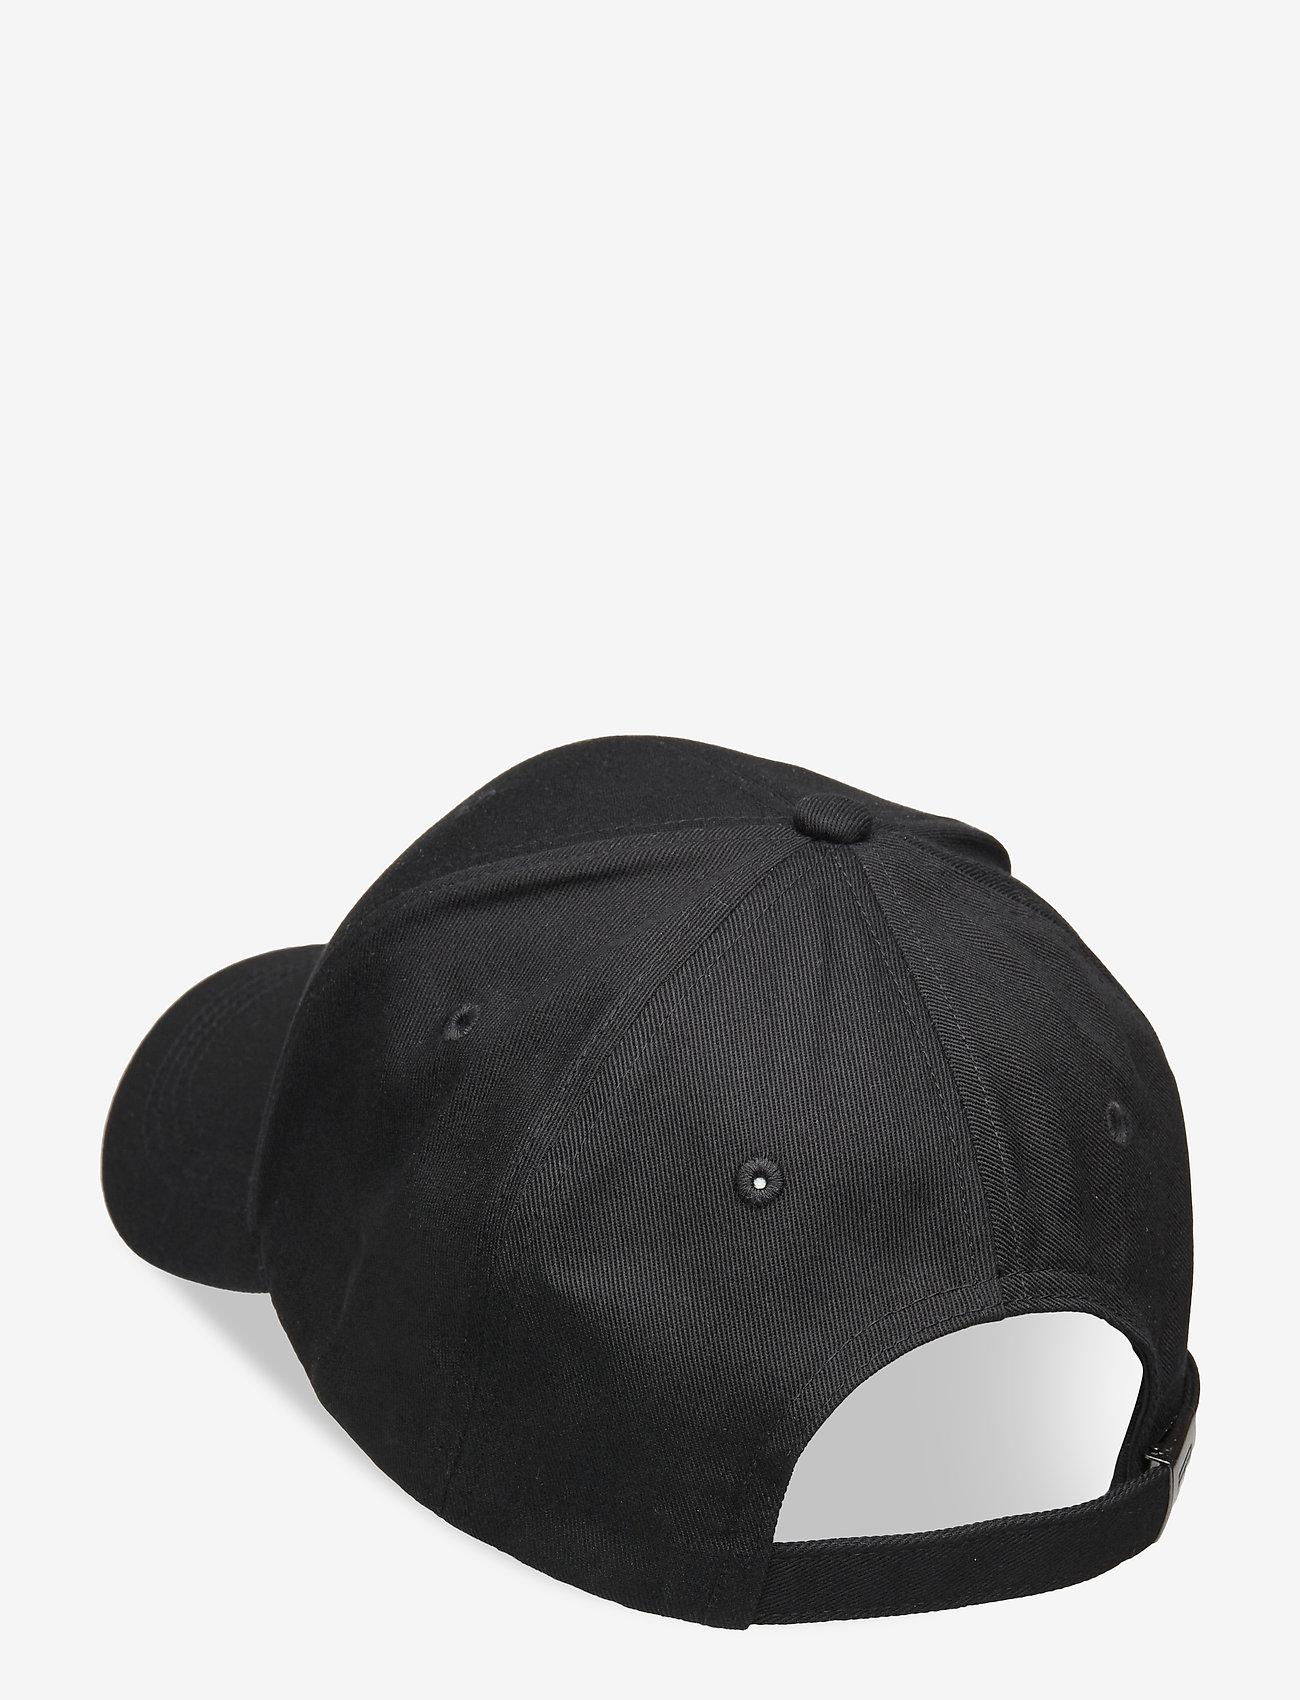 Tommy Hilfiger - TH ESTABLISHED CAP - kasketter - black - 1